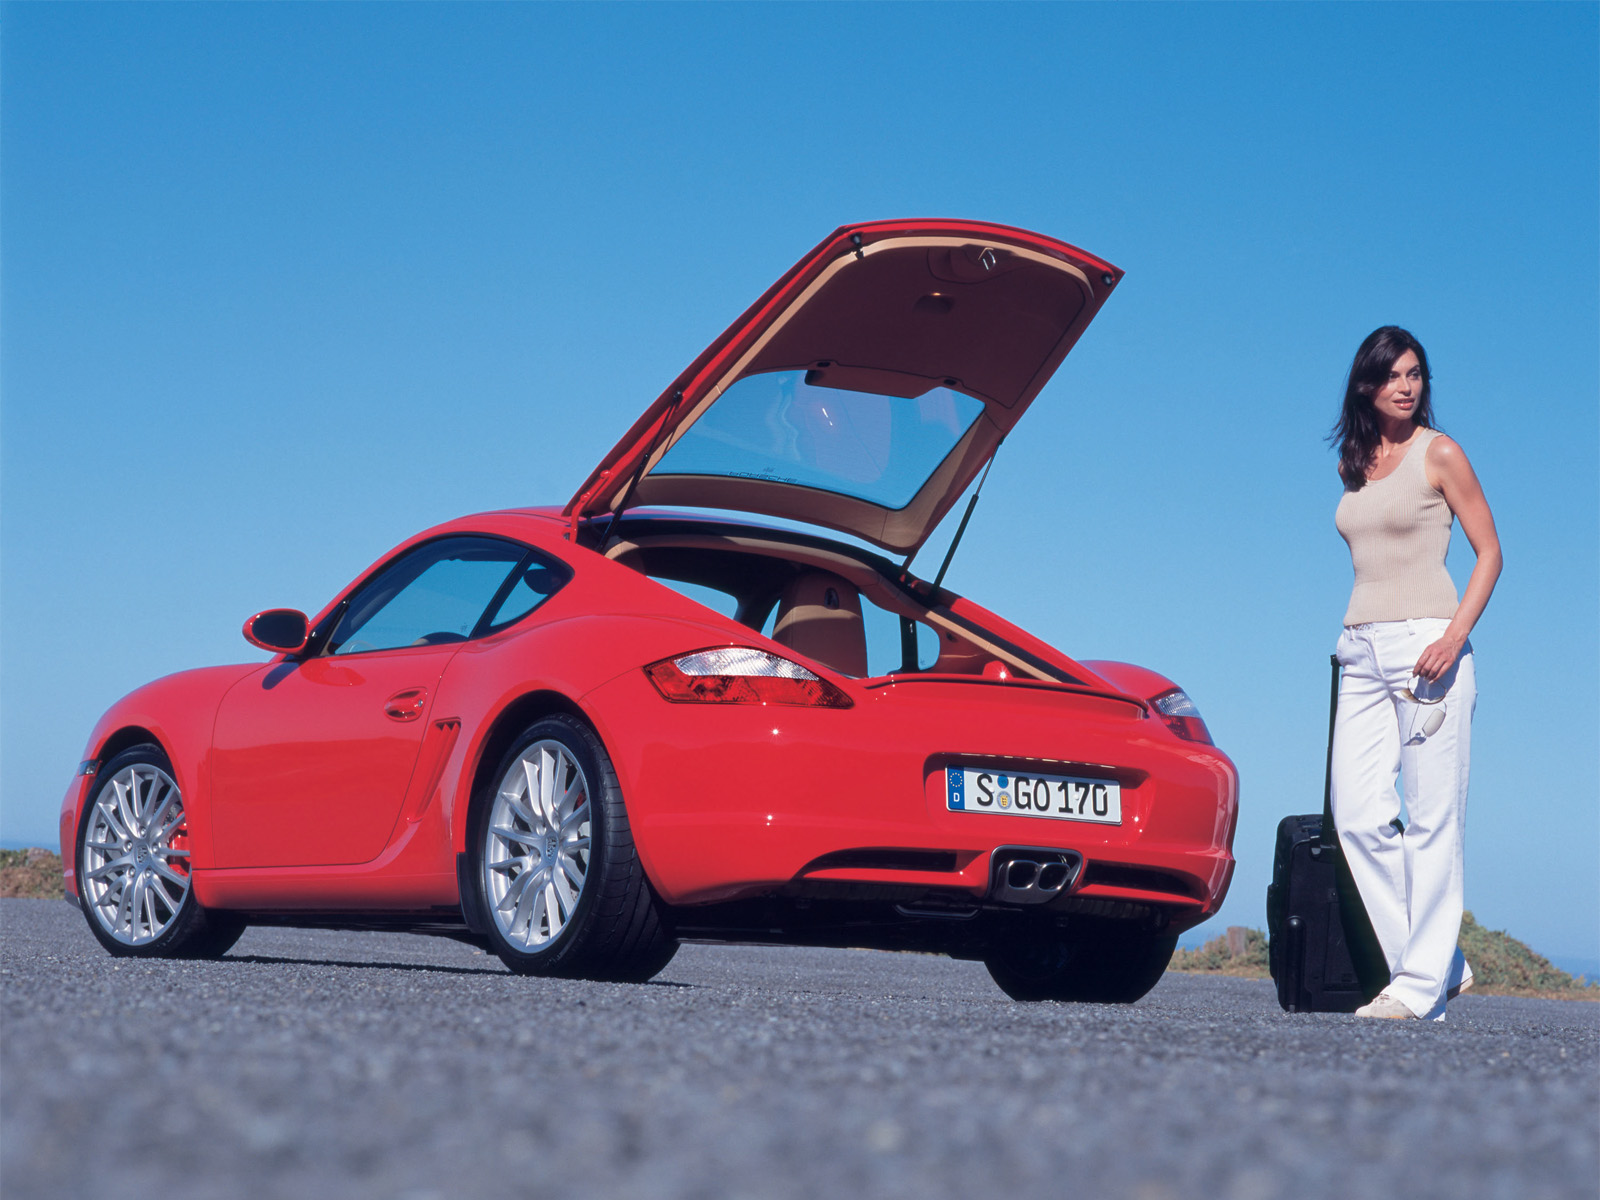 http://1.bp.blogspot.com/-_bsNQUv-wdM/T4_h1f6DFcI/AAAAAAAA3Ts/2ag5ZeW3ANU/s1600/Porsche+Cayman+S+Cars+Wallpapers+(19).jpg